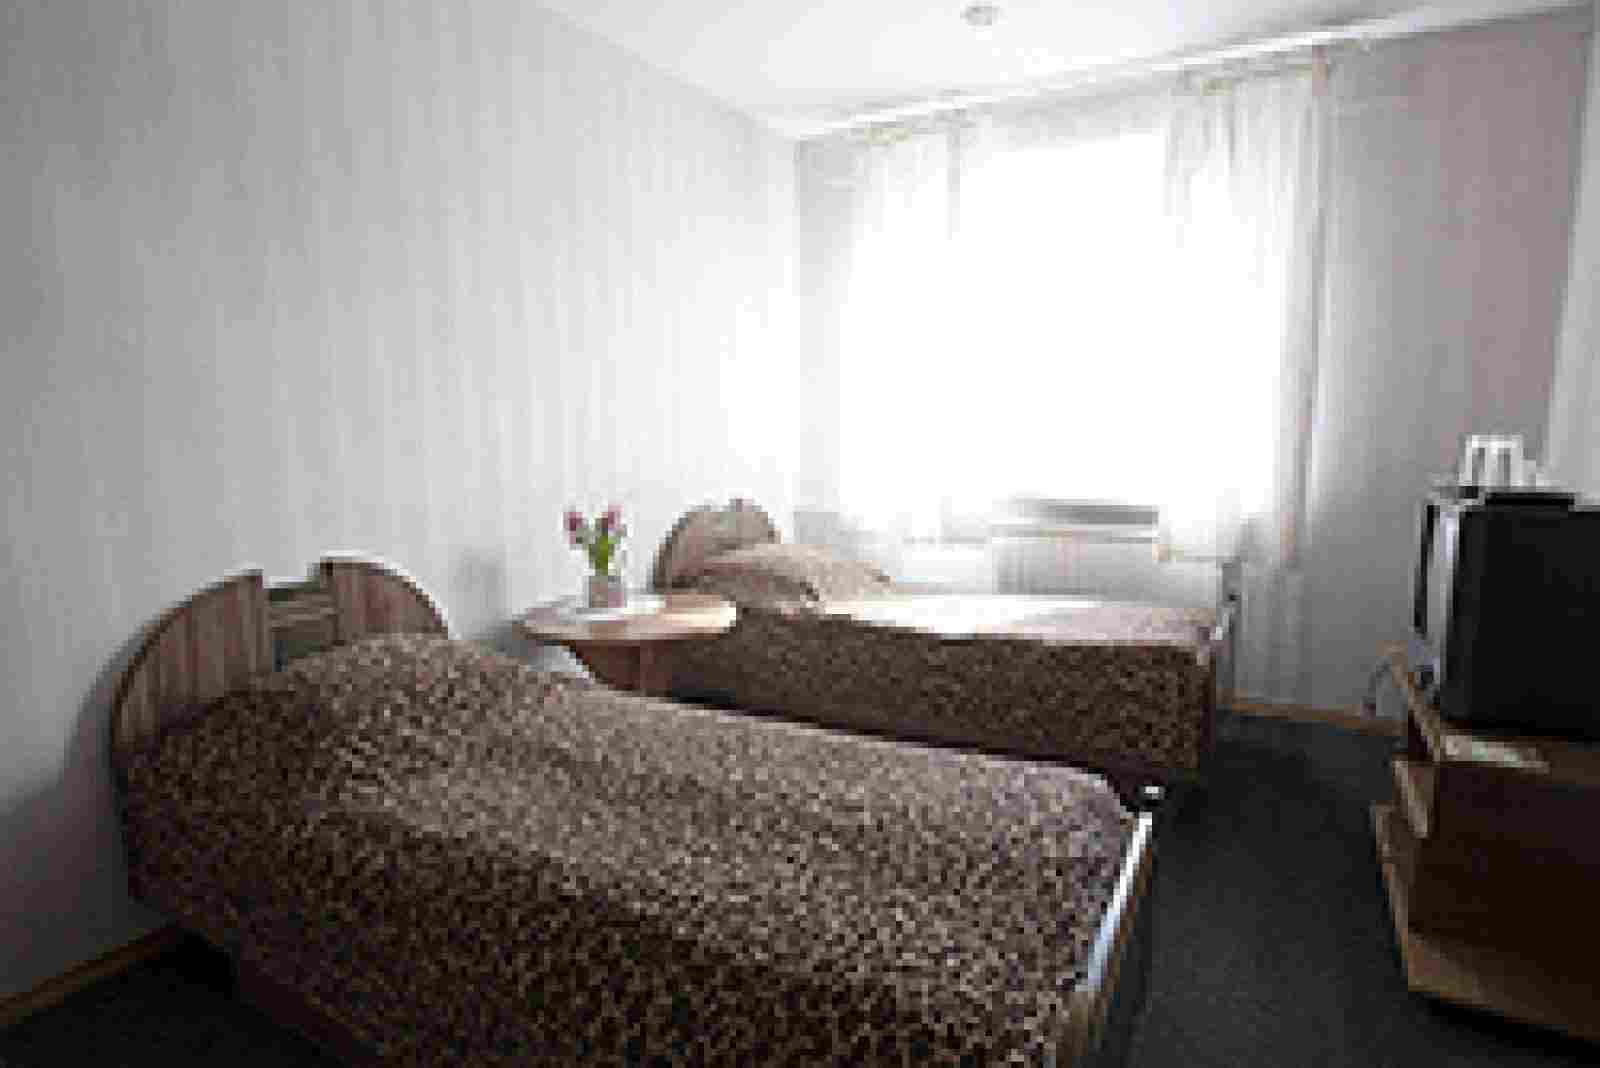 2-комнатная квартира по суткам в Речице от 45 тыс. за 1 чел. в сутки. Фото